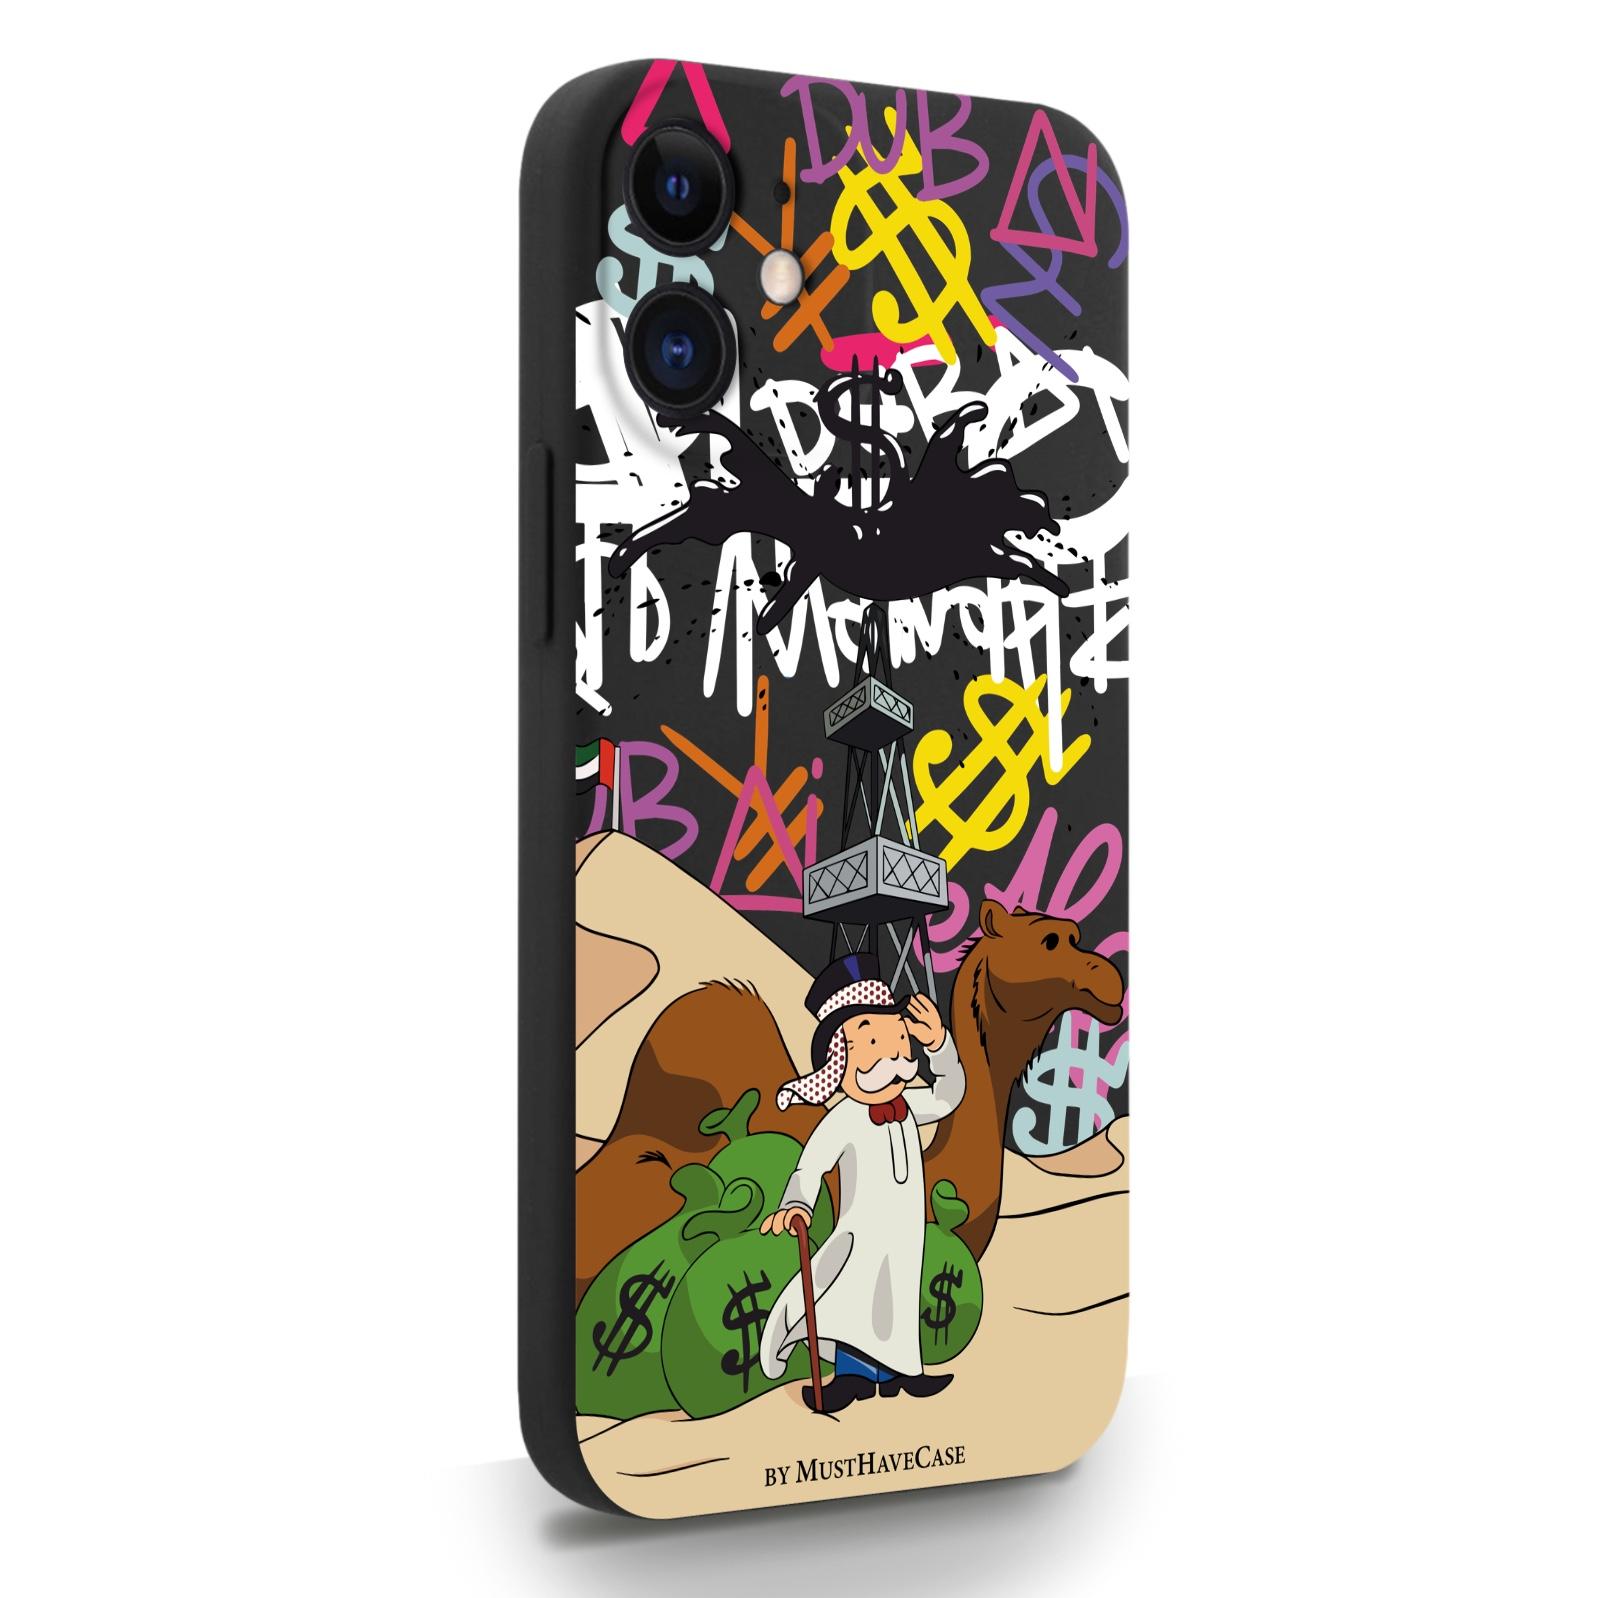 Черный силиконовый чехол для iPhone 12 Mini Monopoly Dubai/ Дубай для Айфон 12 Мини